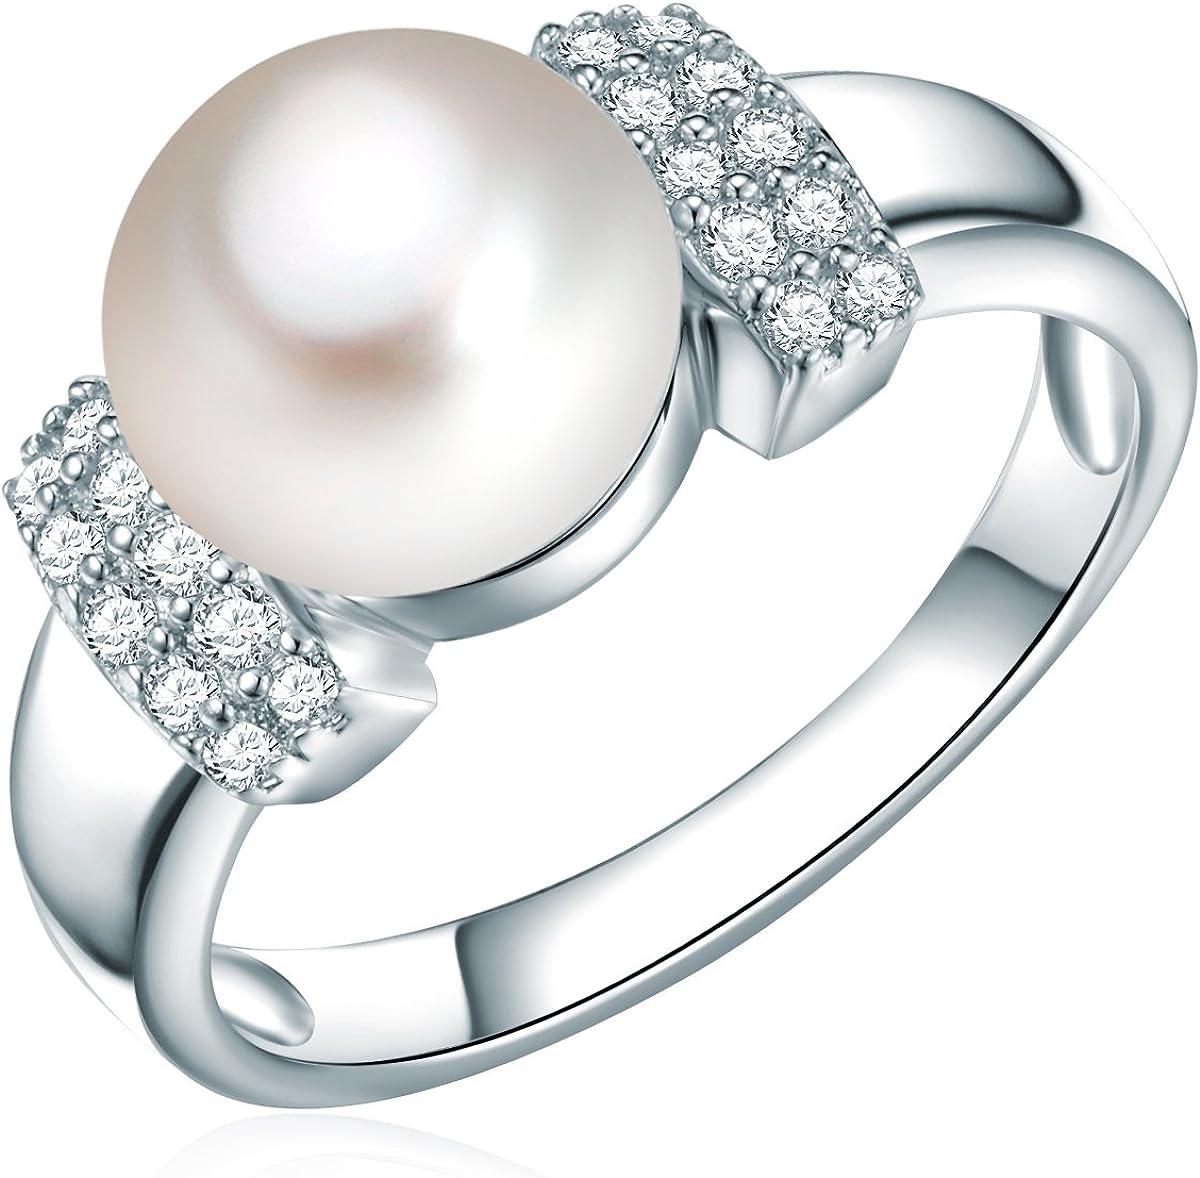 Valero Pearls Plata de ley 925 Perlas de agua dulce de cultivo Circonita Anillo de perlas